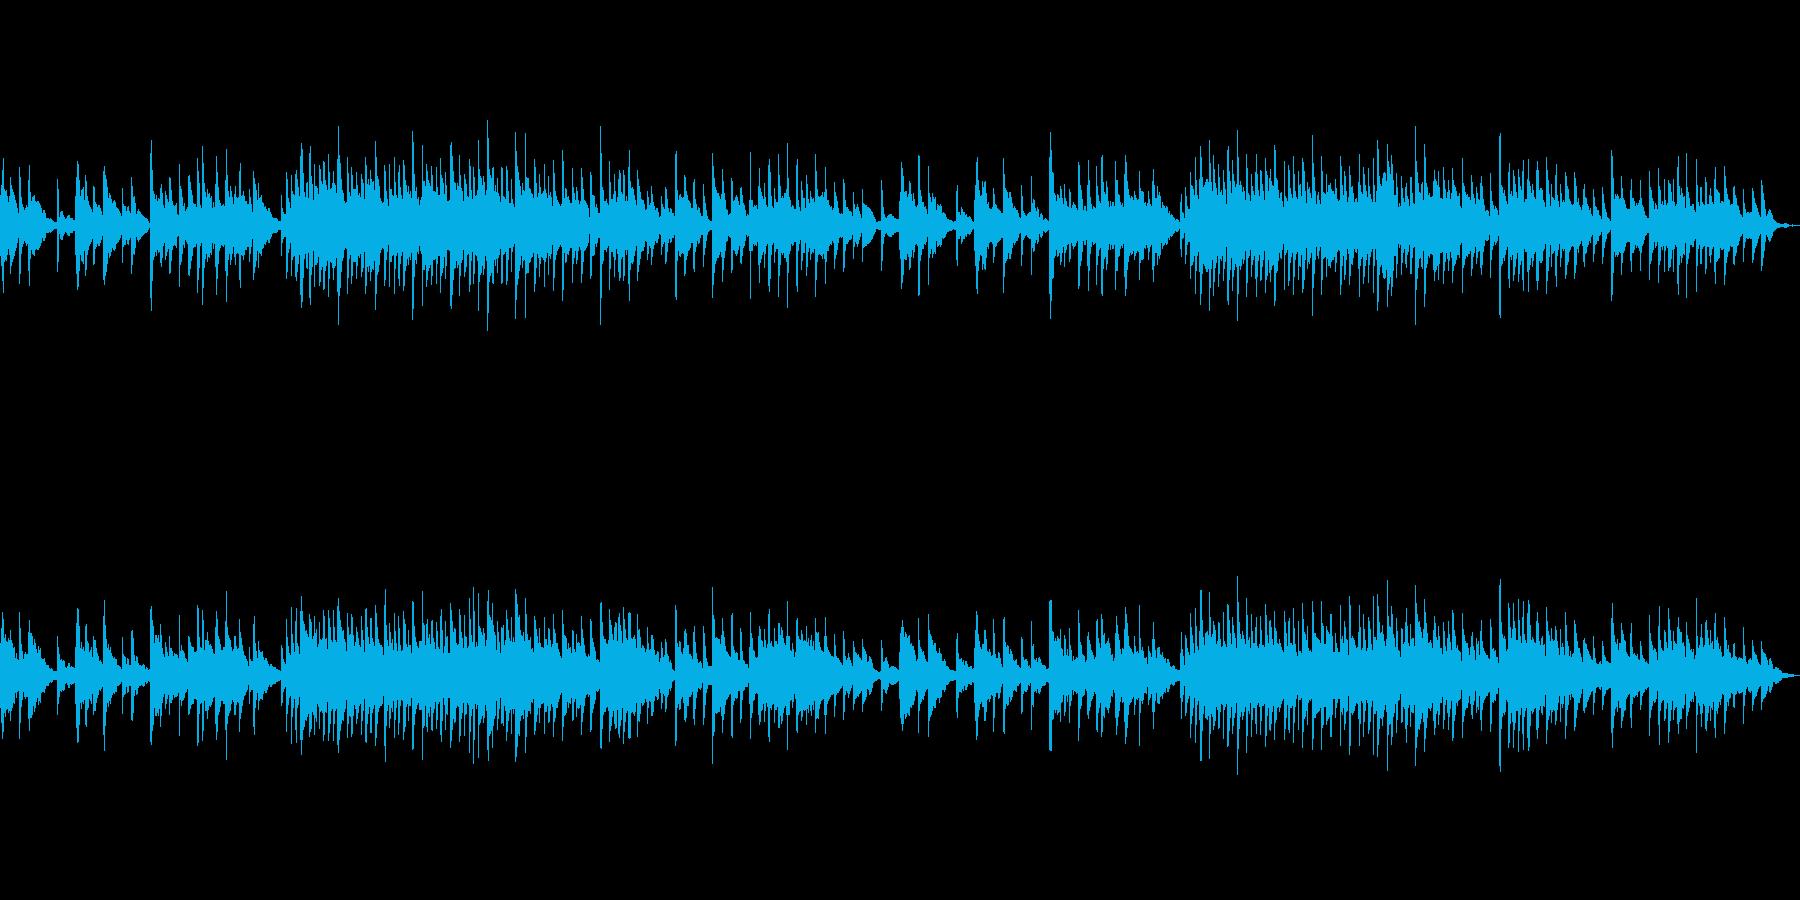 幻想的でシリアスなオルゴール風BGMの再生済みの波形